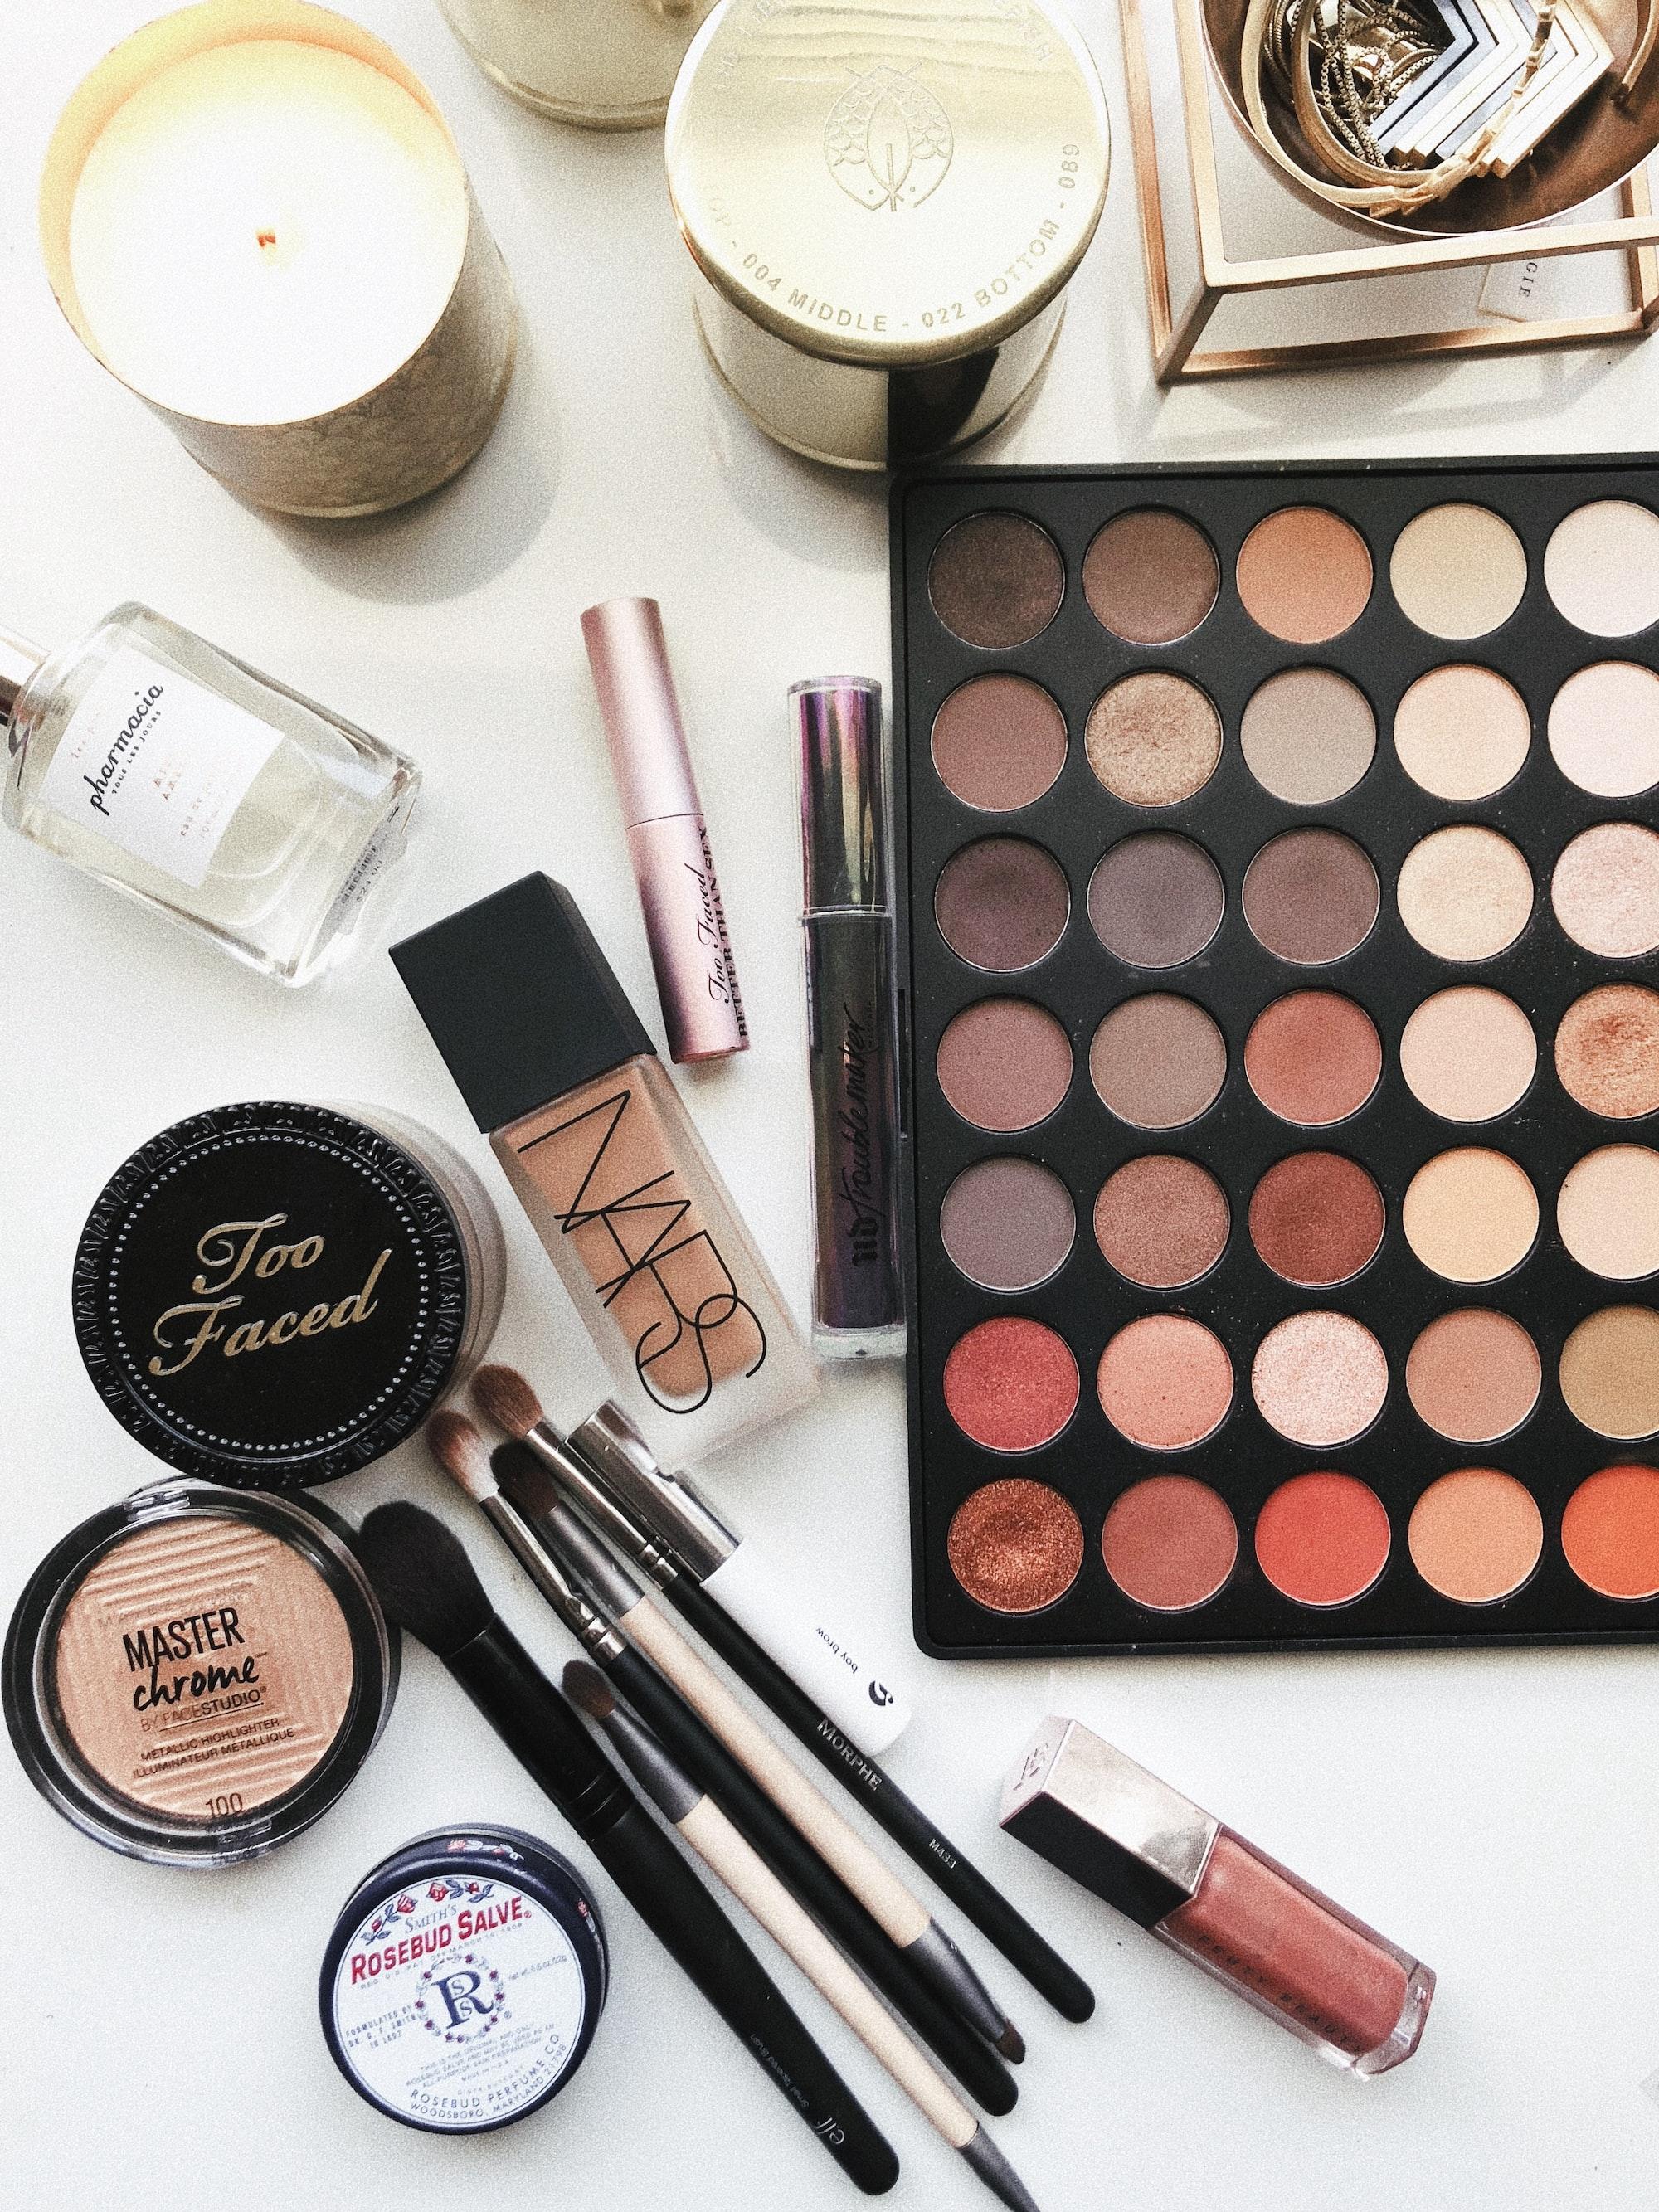 Las marcas de maquillaje más ansiadas en 2019